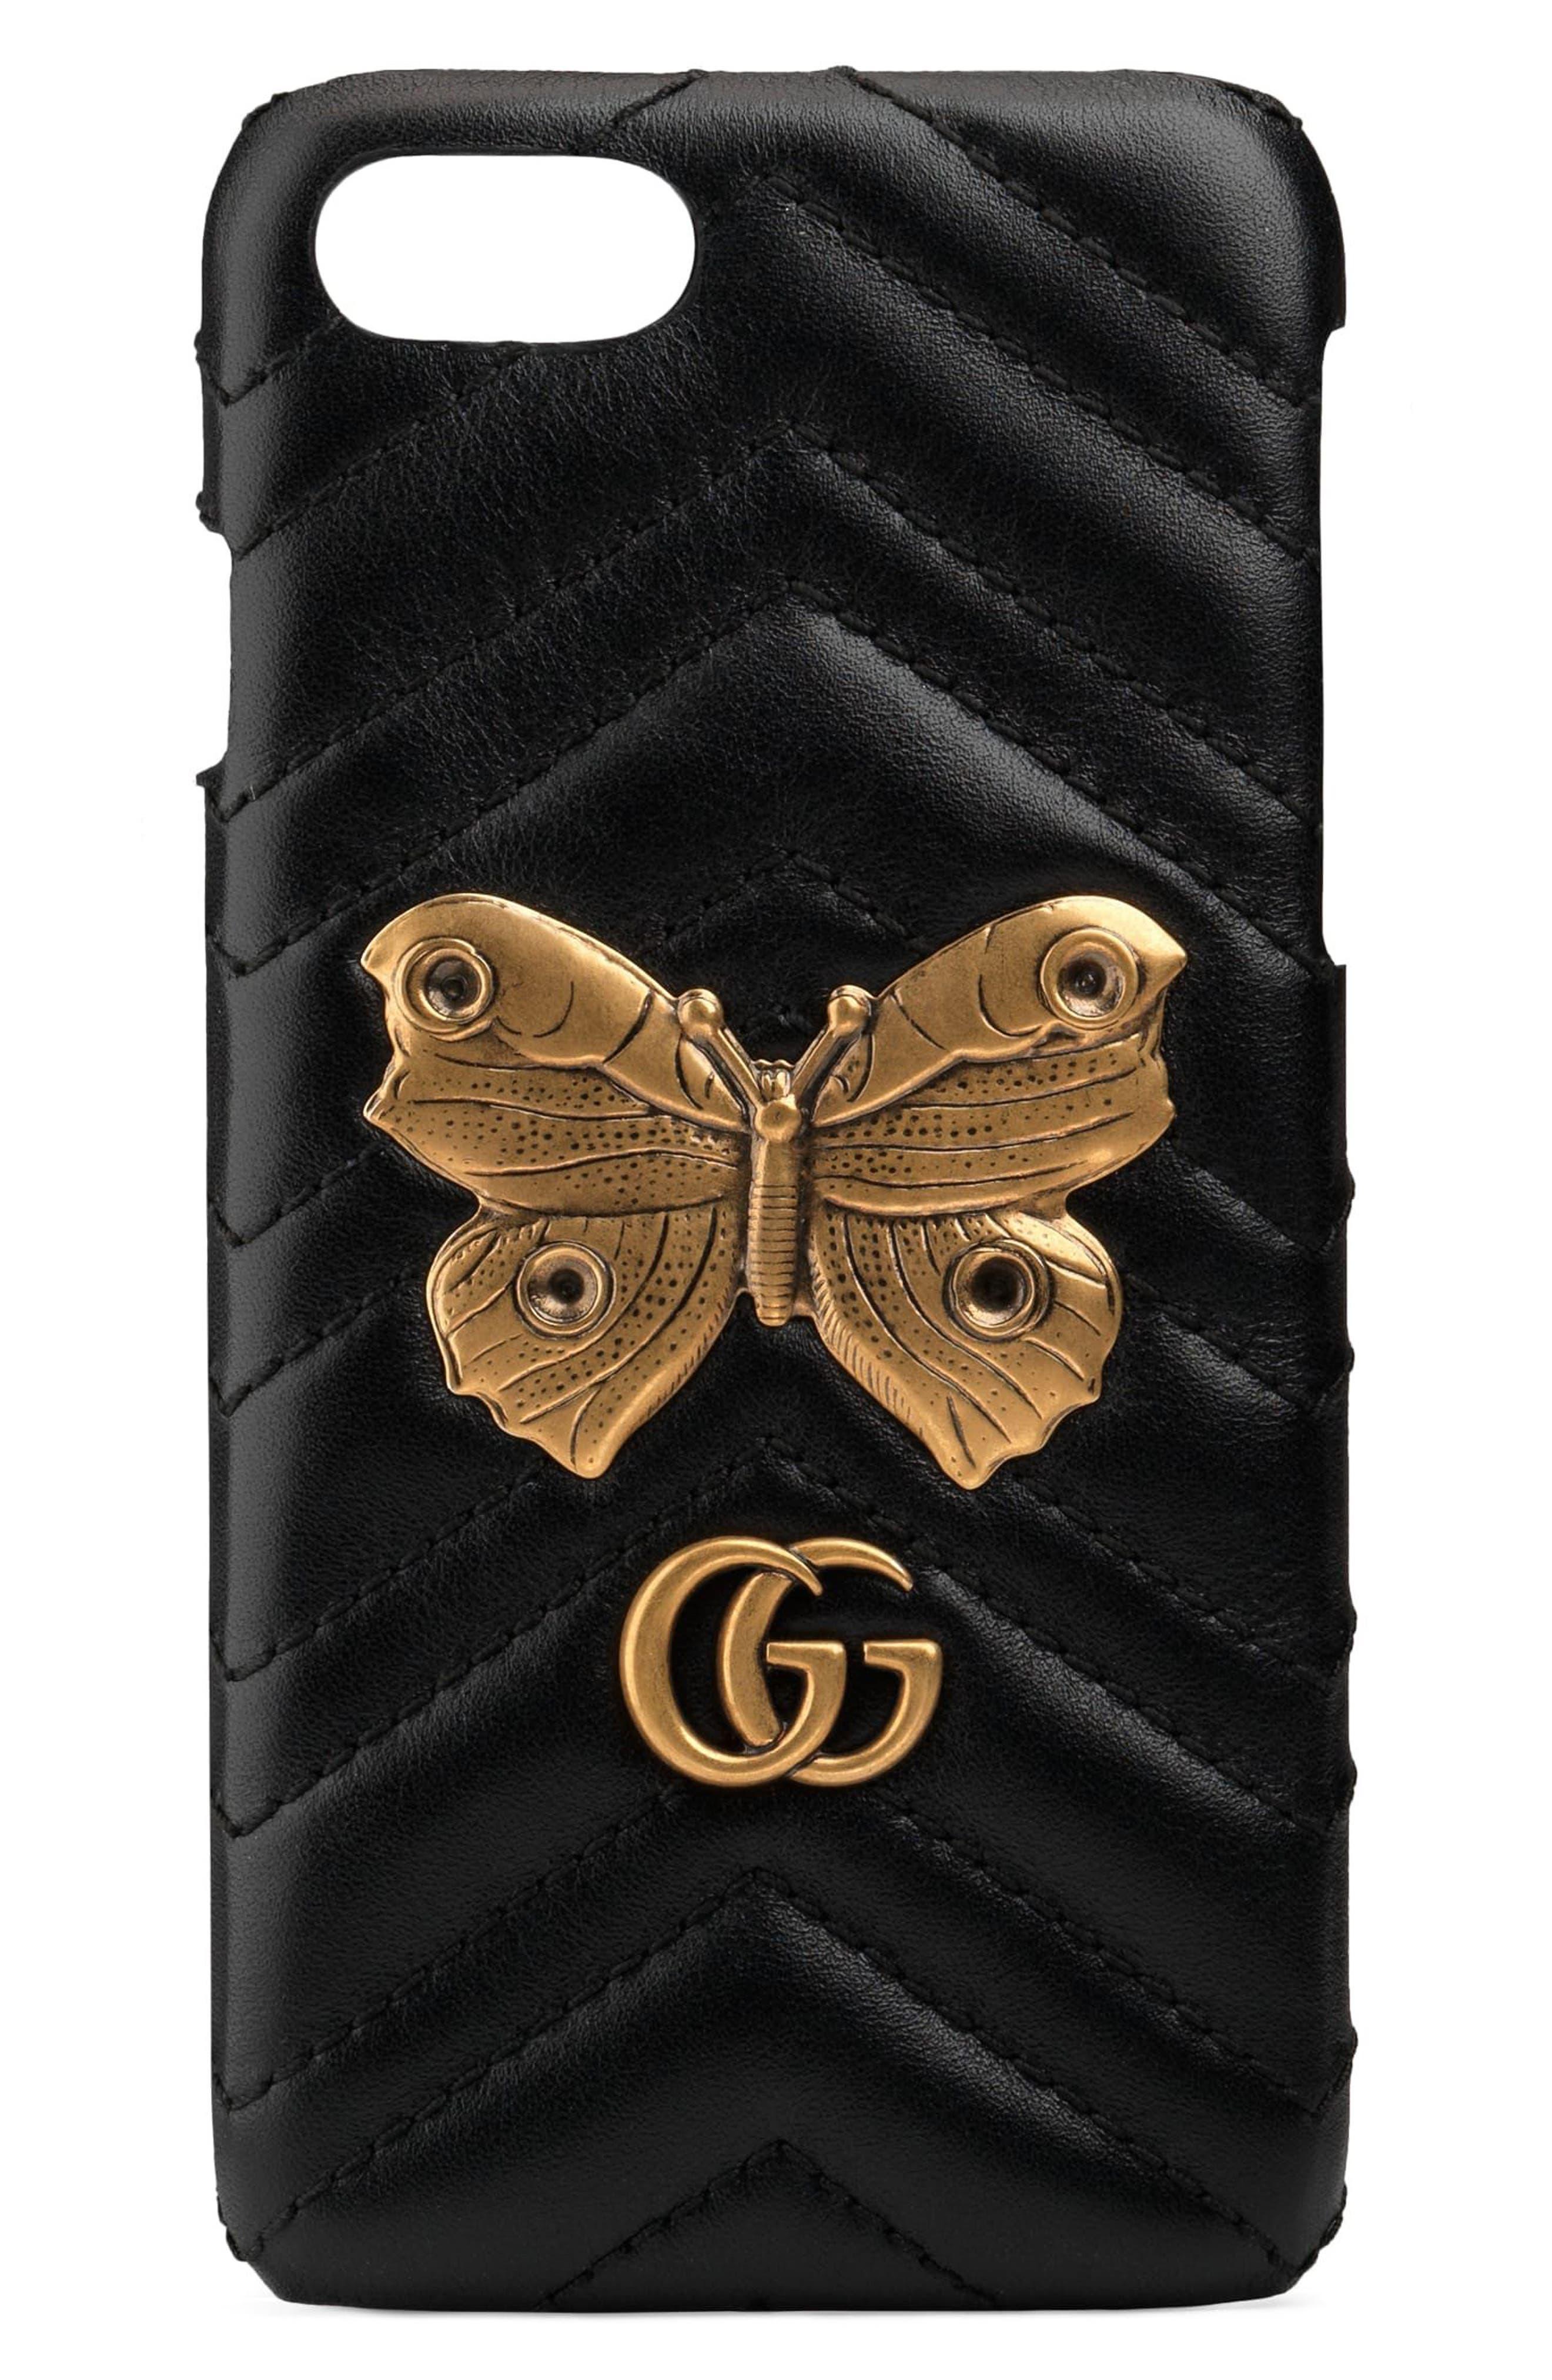 Gucci GG Marmont 2.0 Matelassé Leather iPhone 7 Case